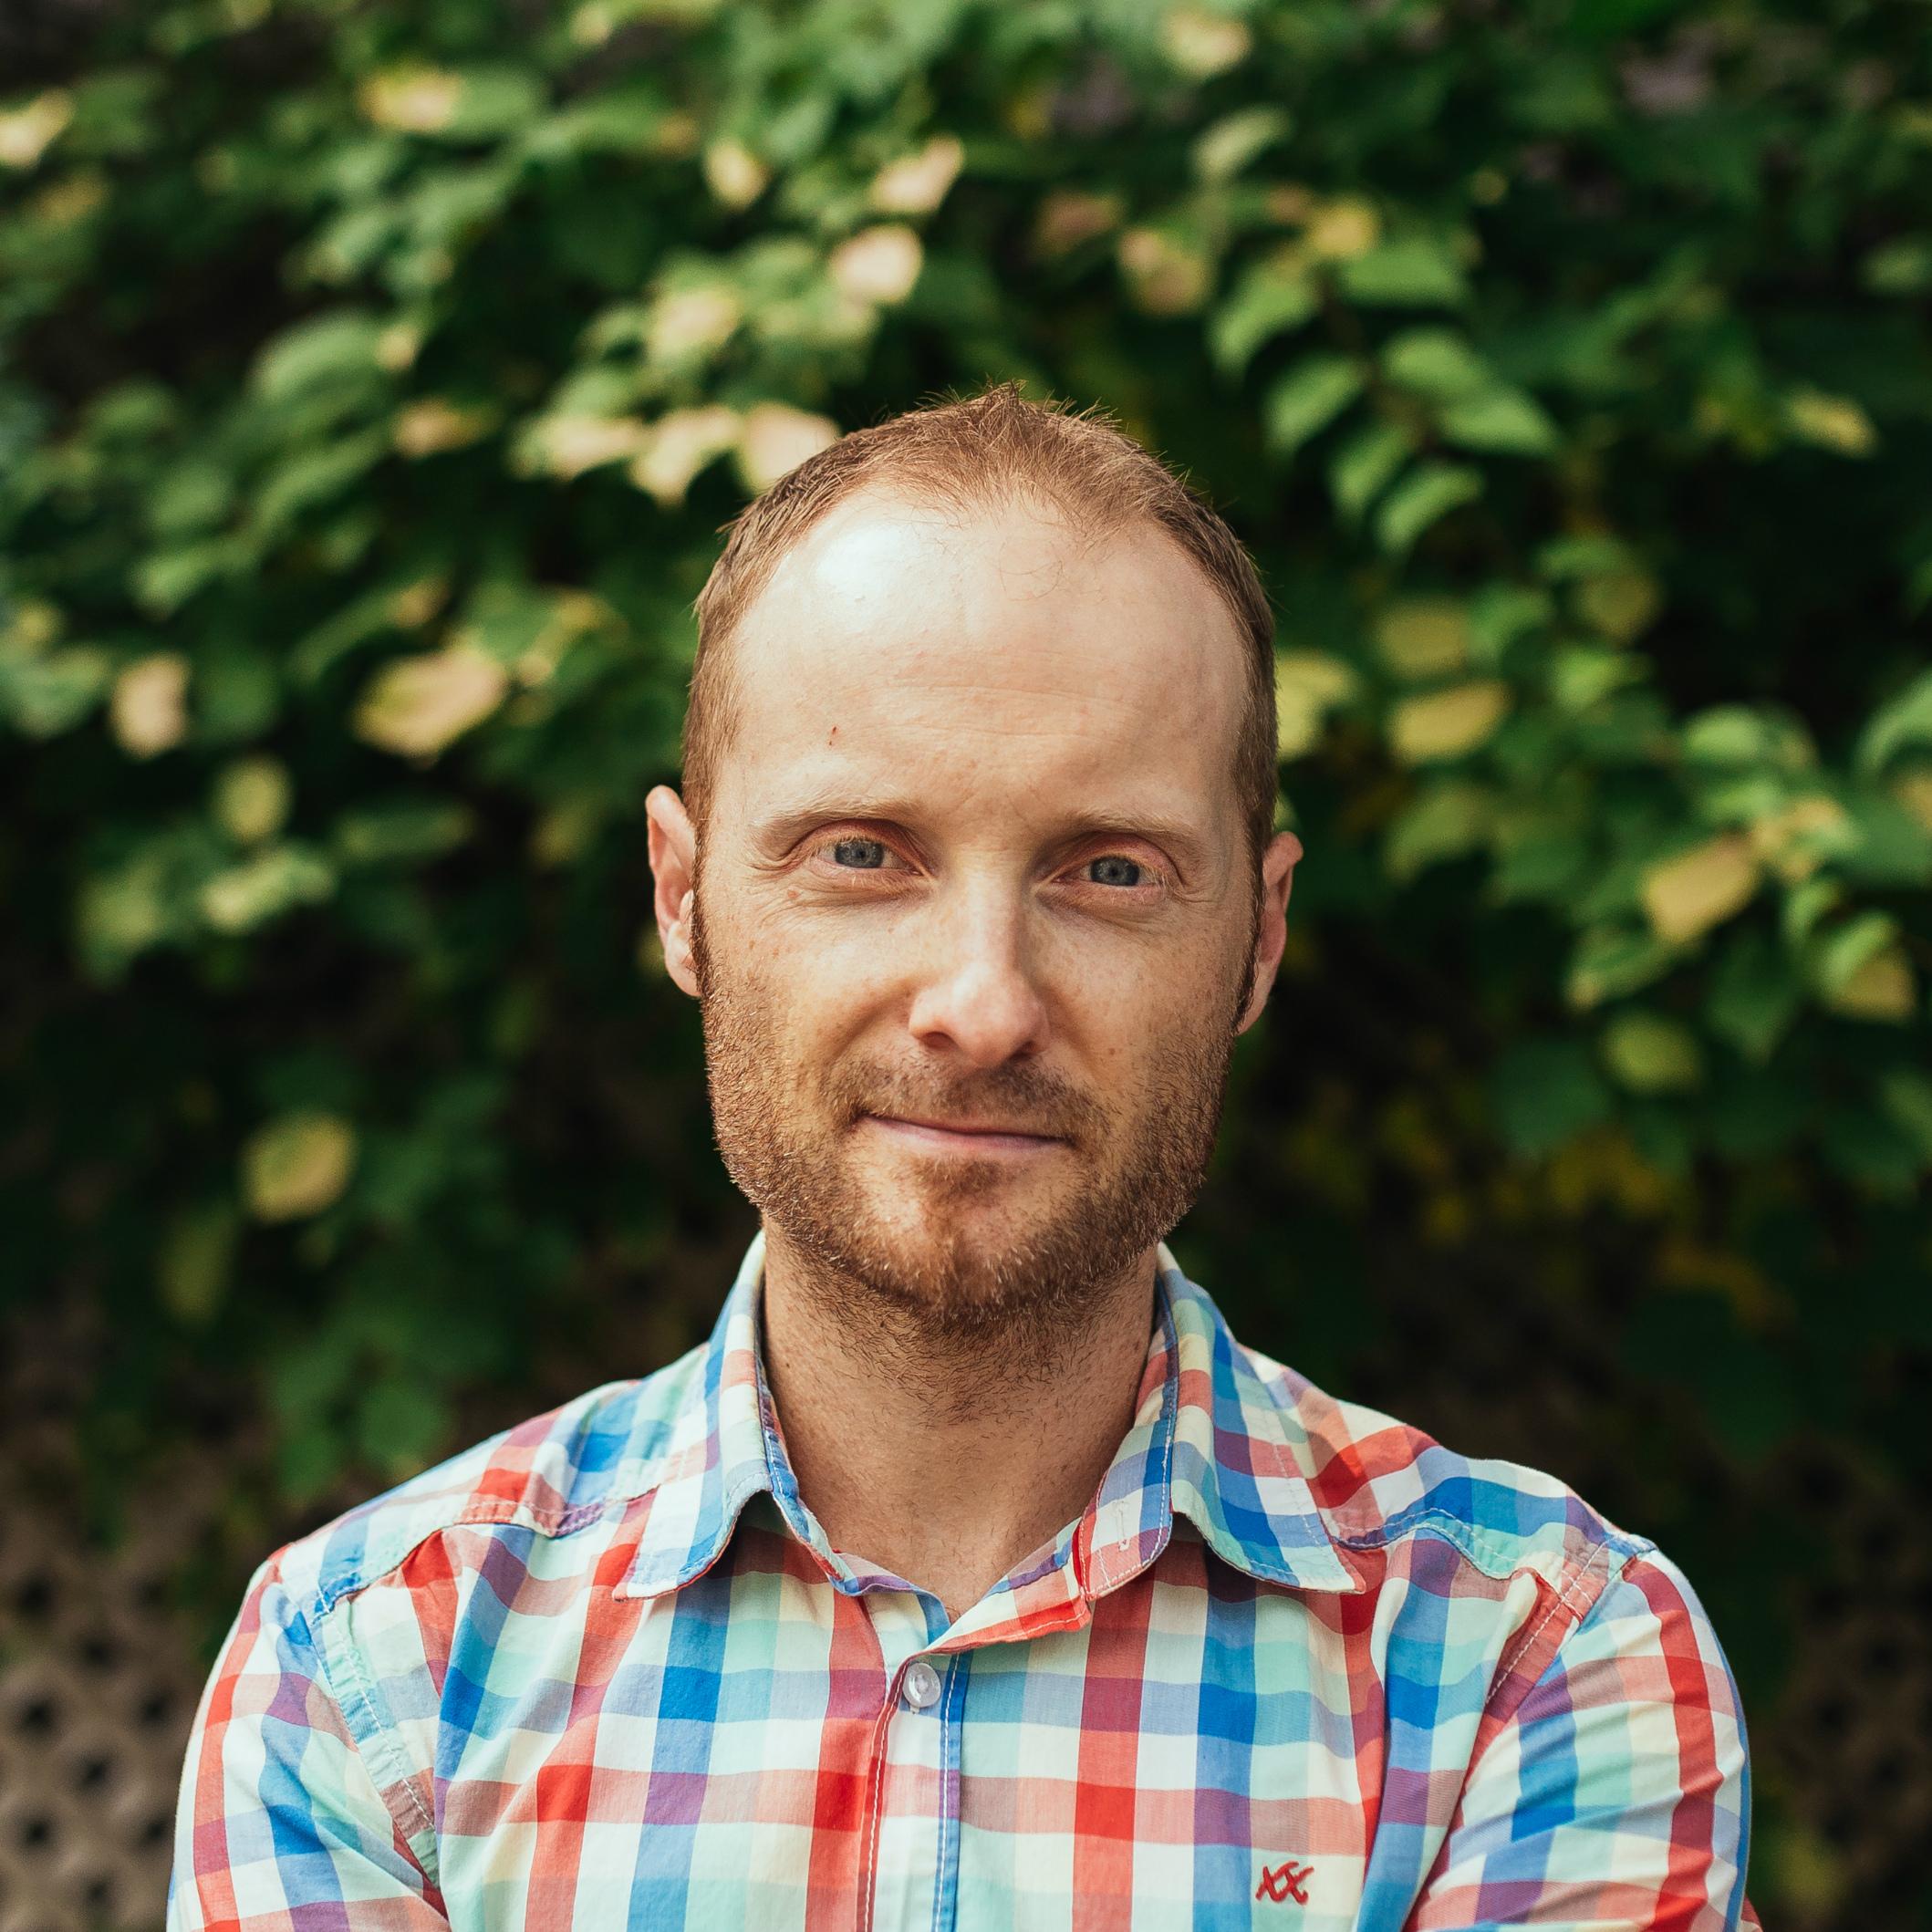 Martin Boisvert